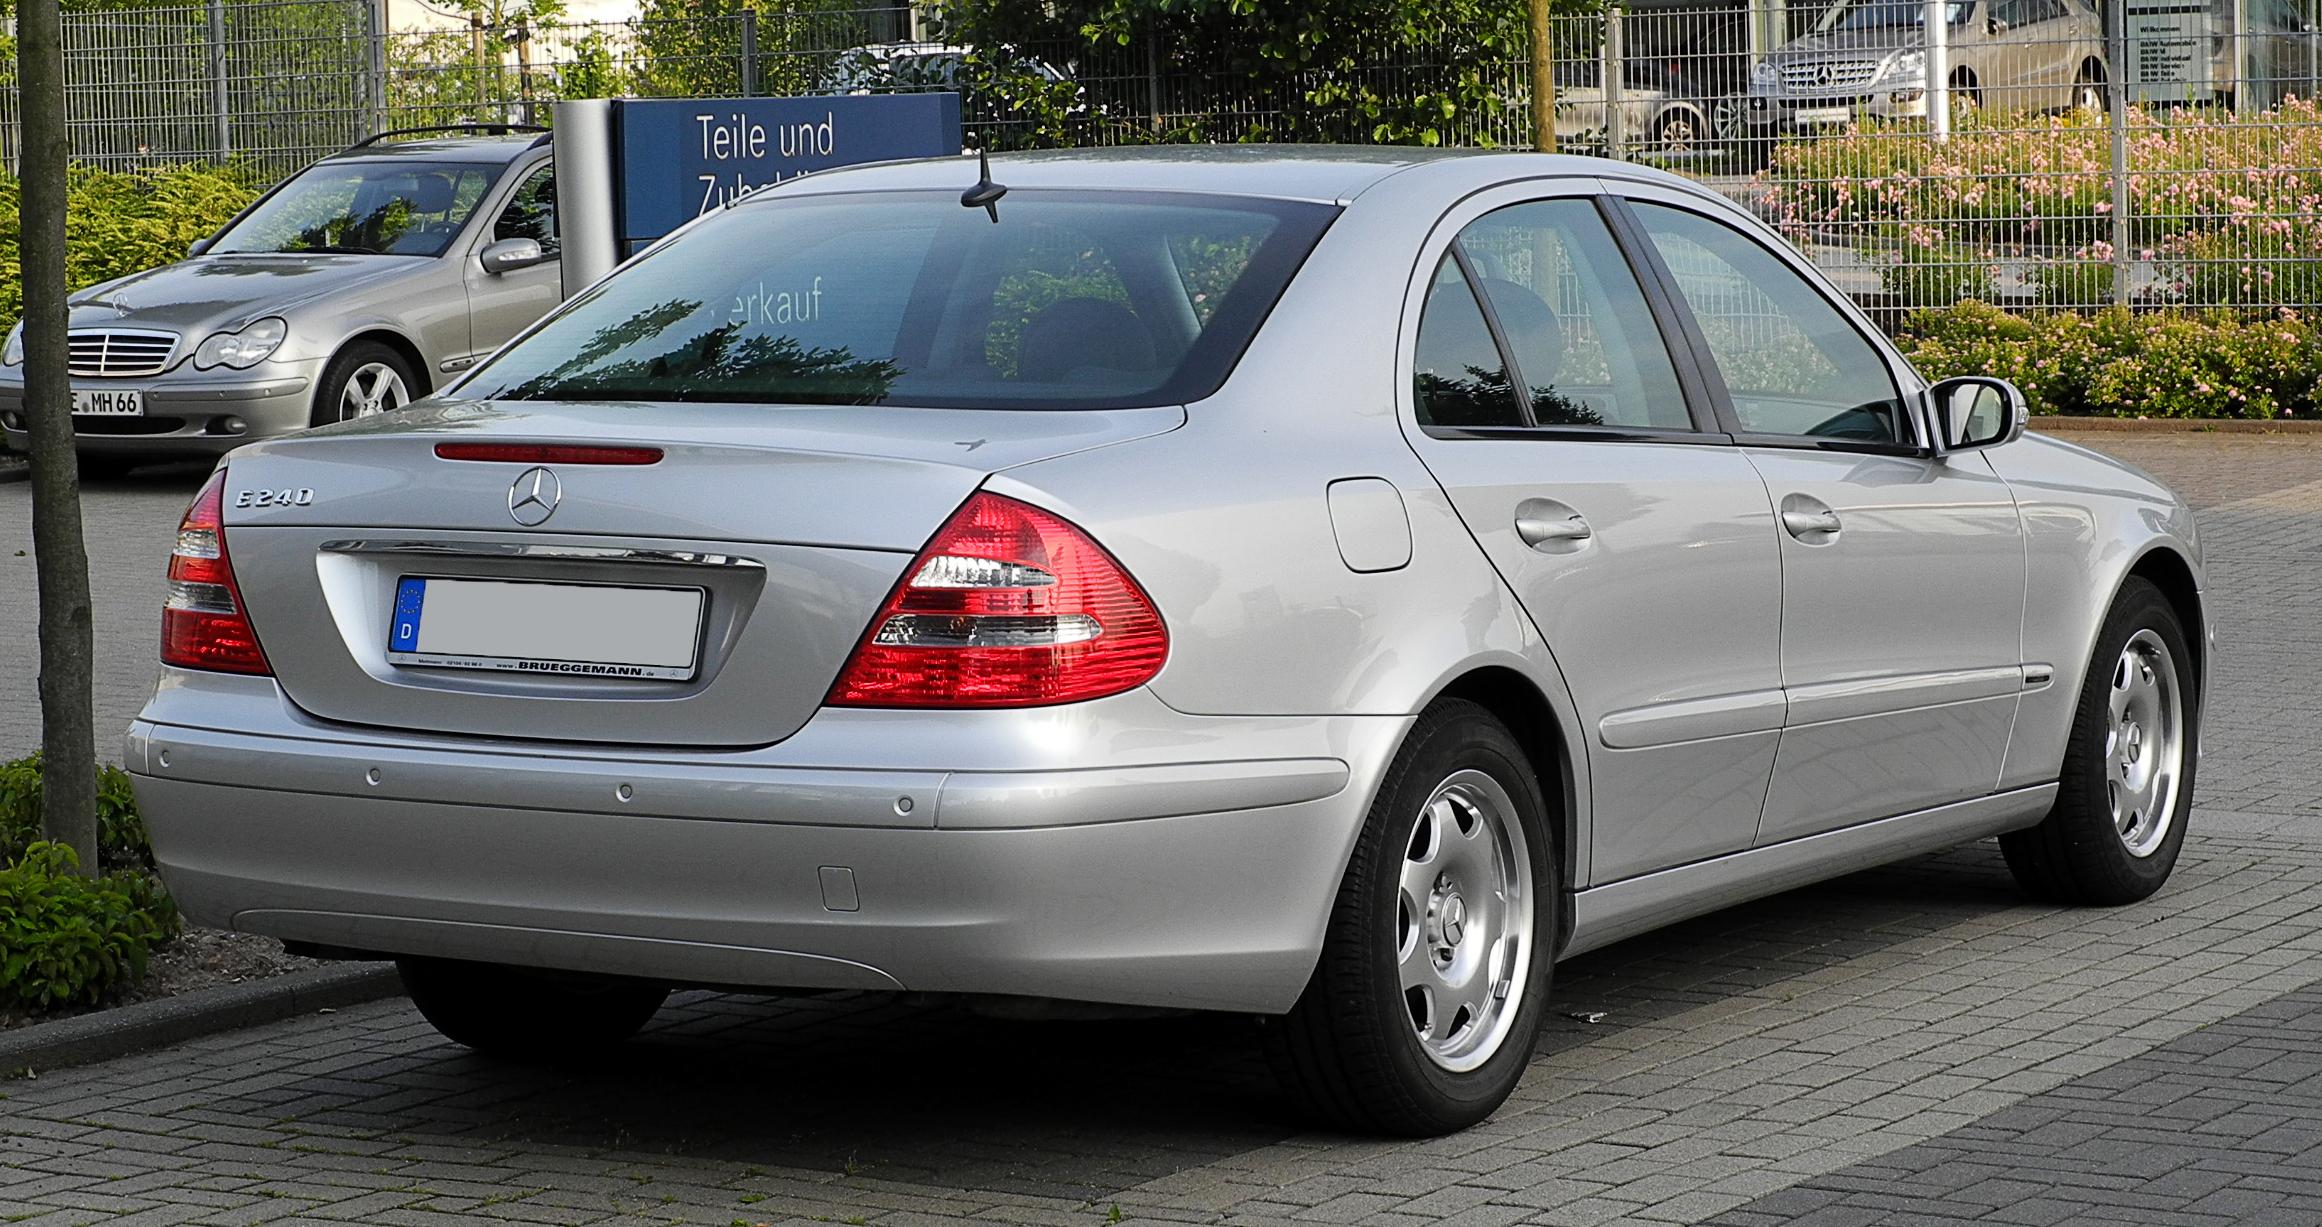 Mercedes-Benz W210 — Википедия